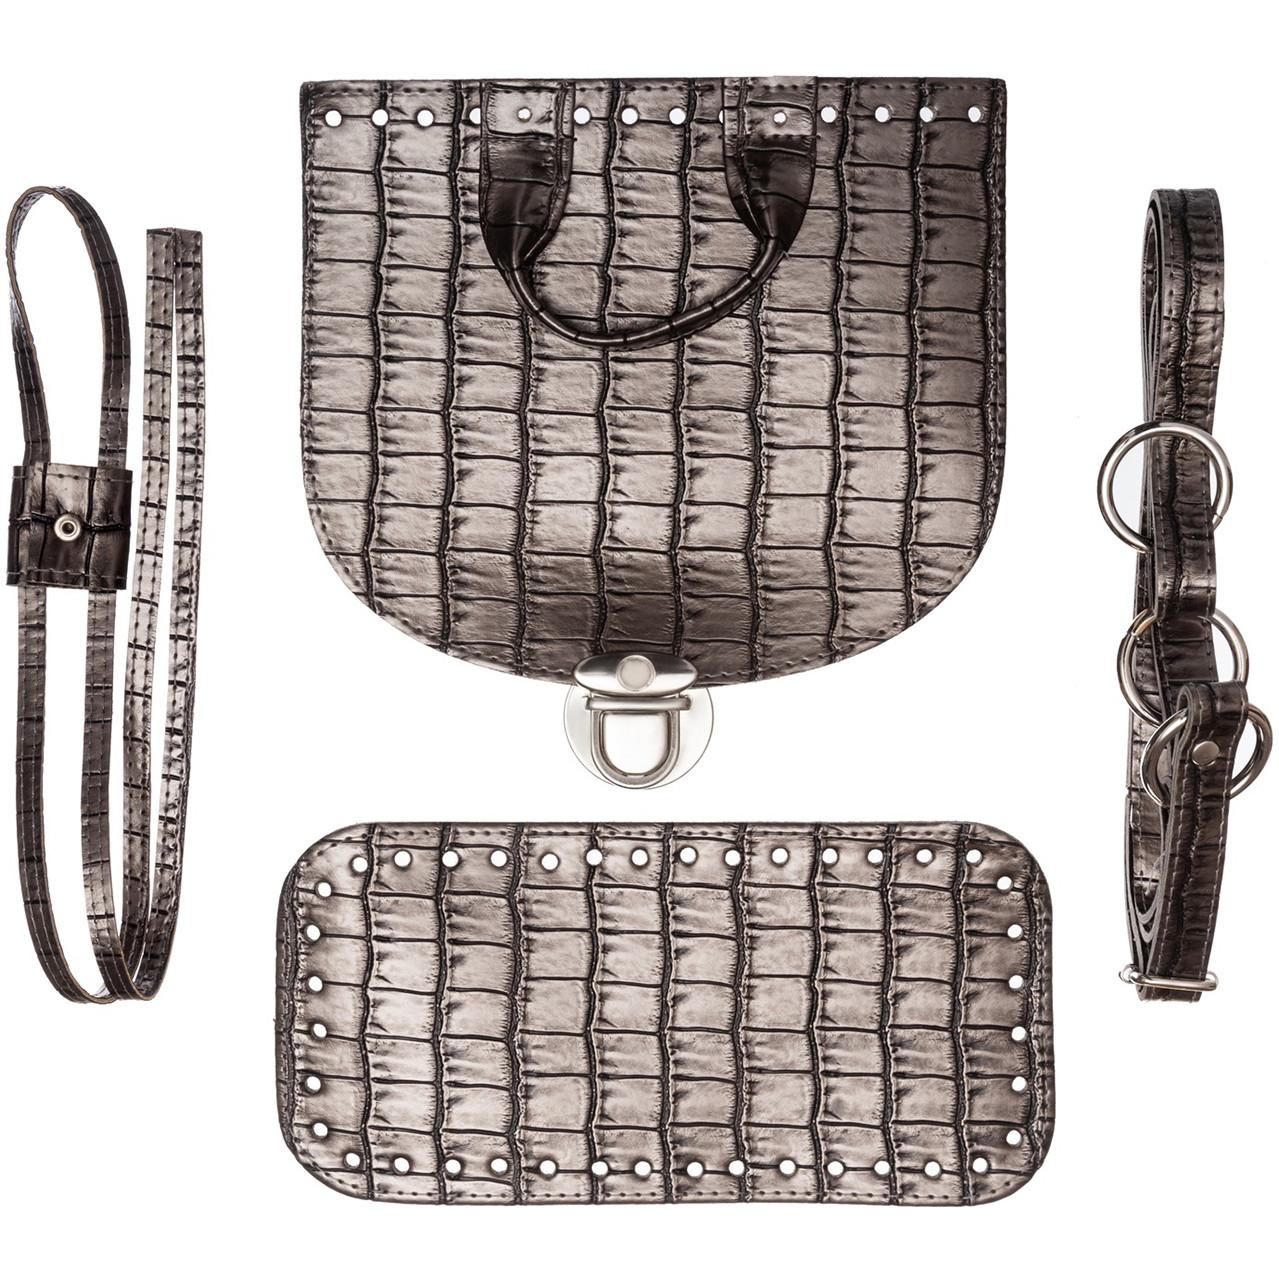 Набор для рюкзака экокожа крокодил Металлик (5 позиций) фурнитура золото